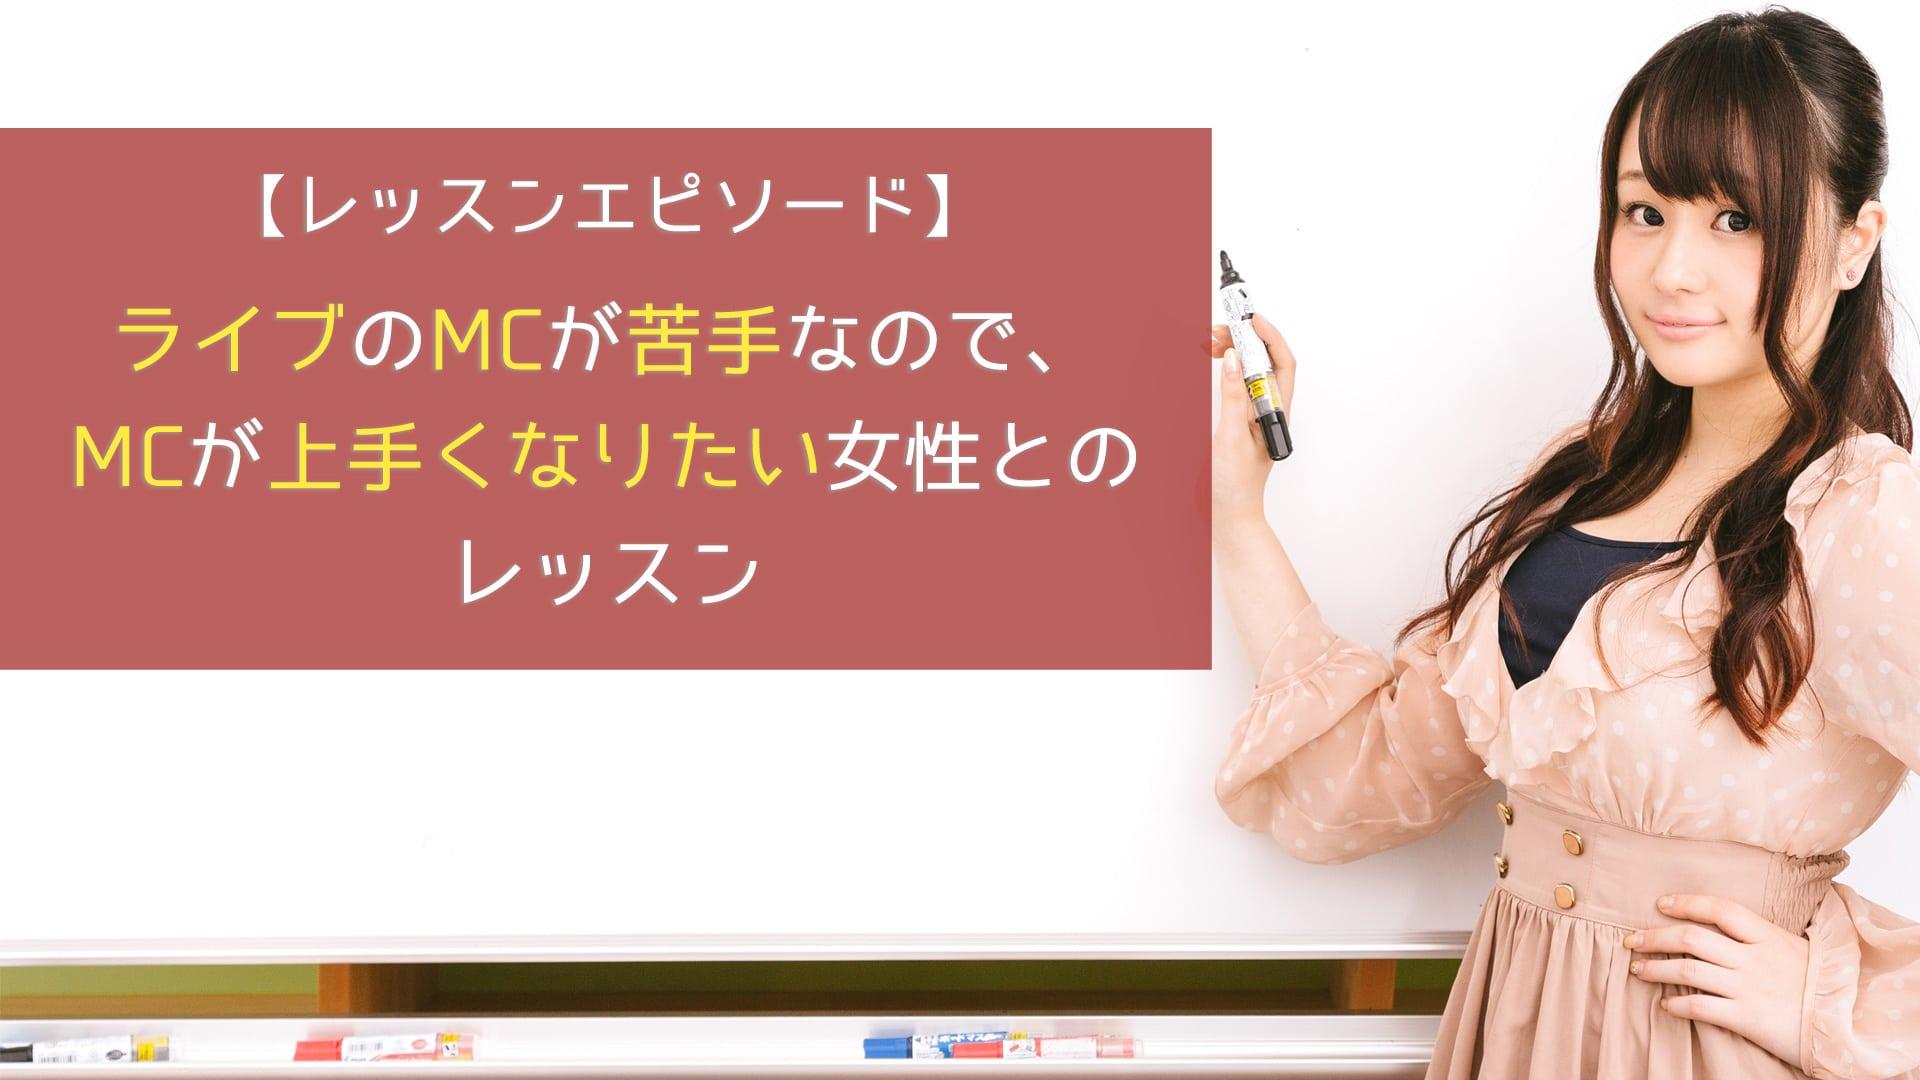 ライブのMCが苦手なので、MCが上手くなりたい女性とのレッスン